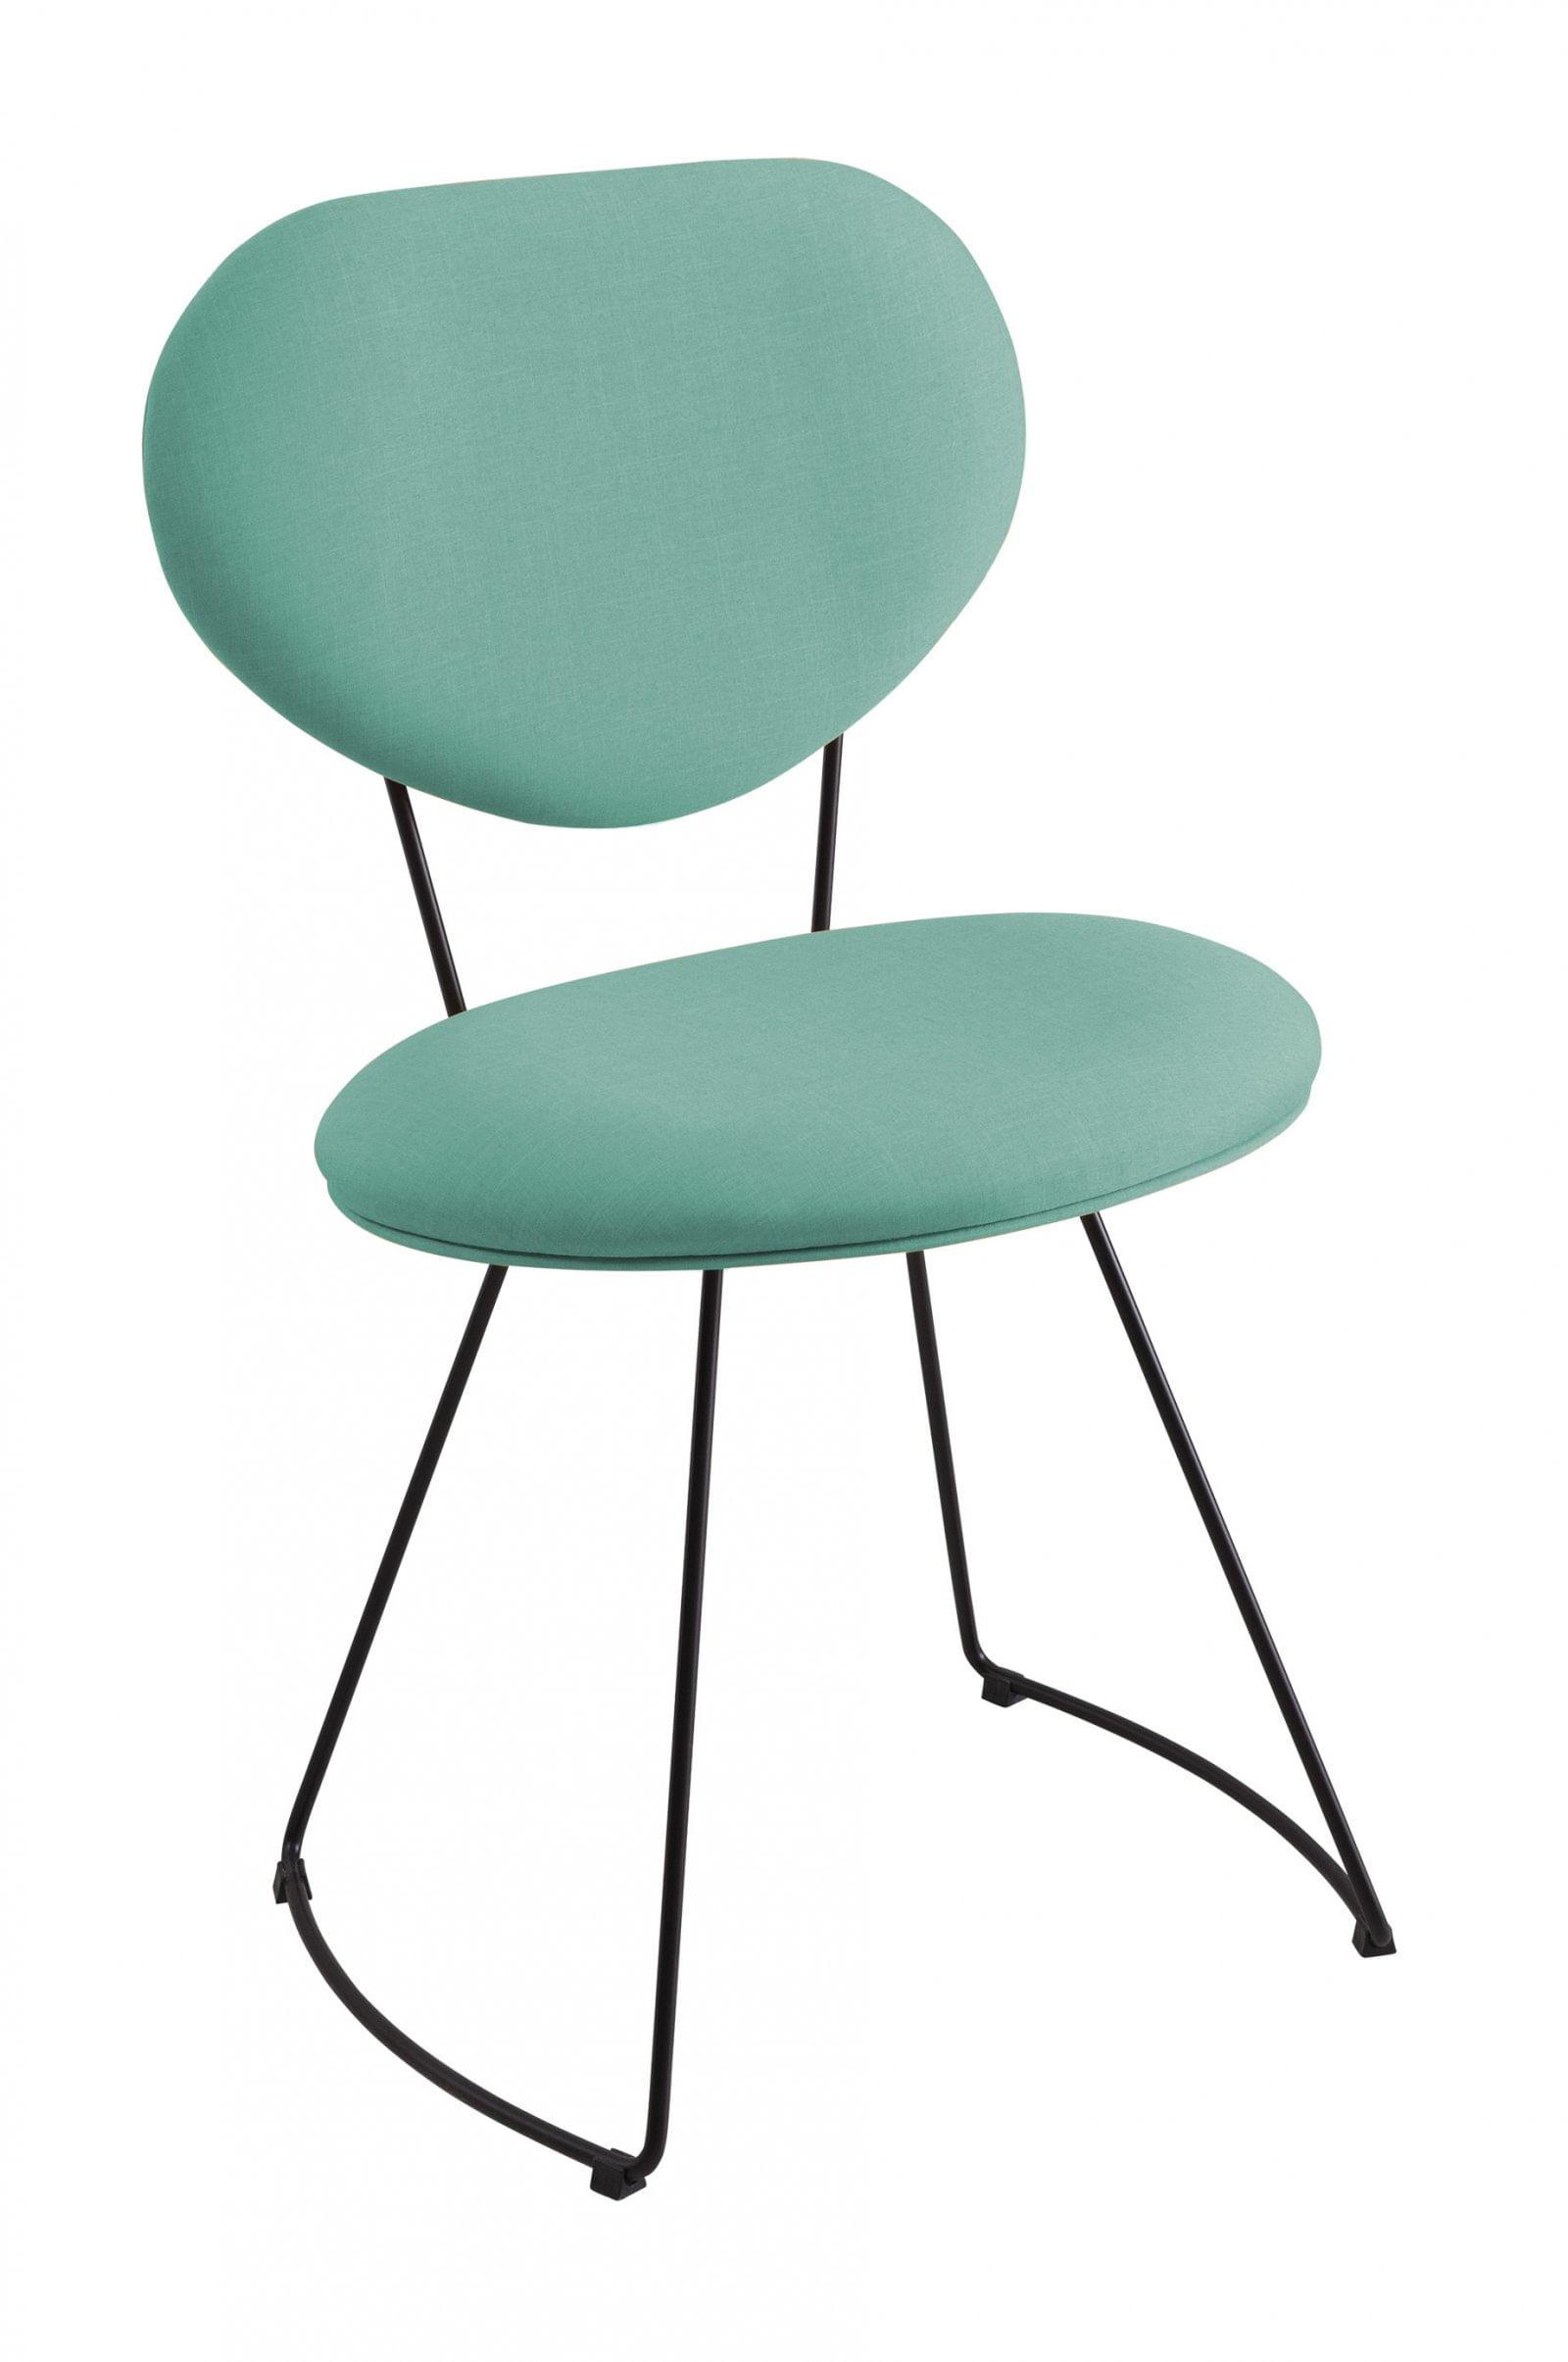 Cadeira Pimpom Azul Tiffany com Base Curve Preta 51cm - 61245